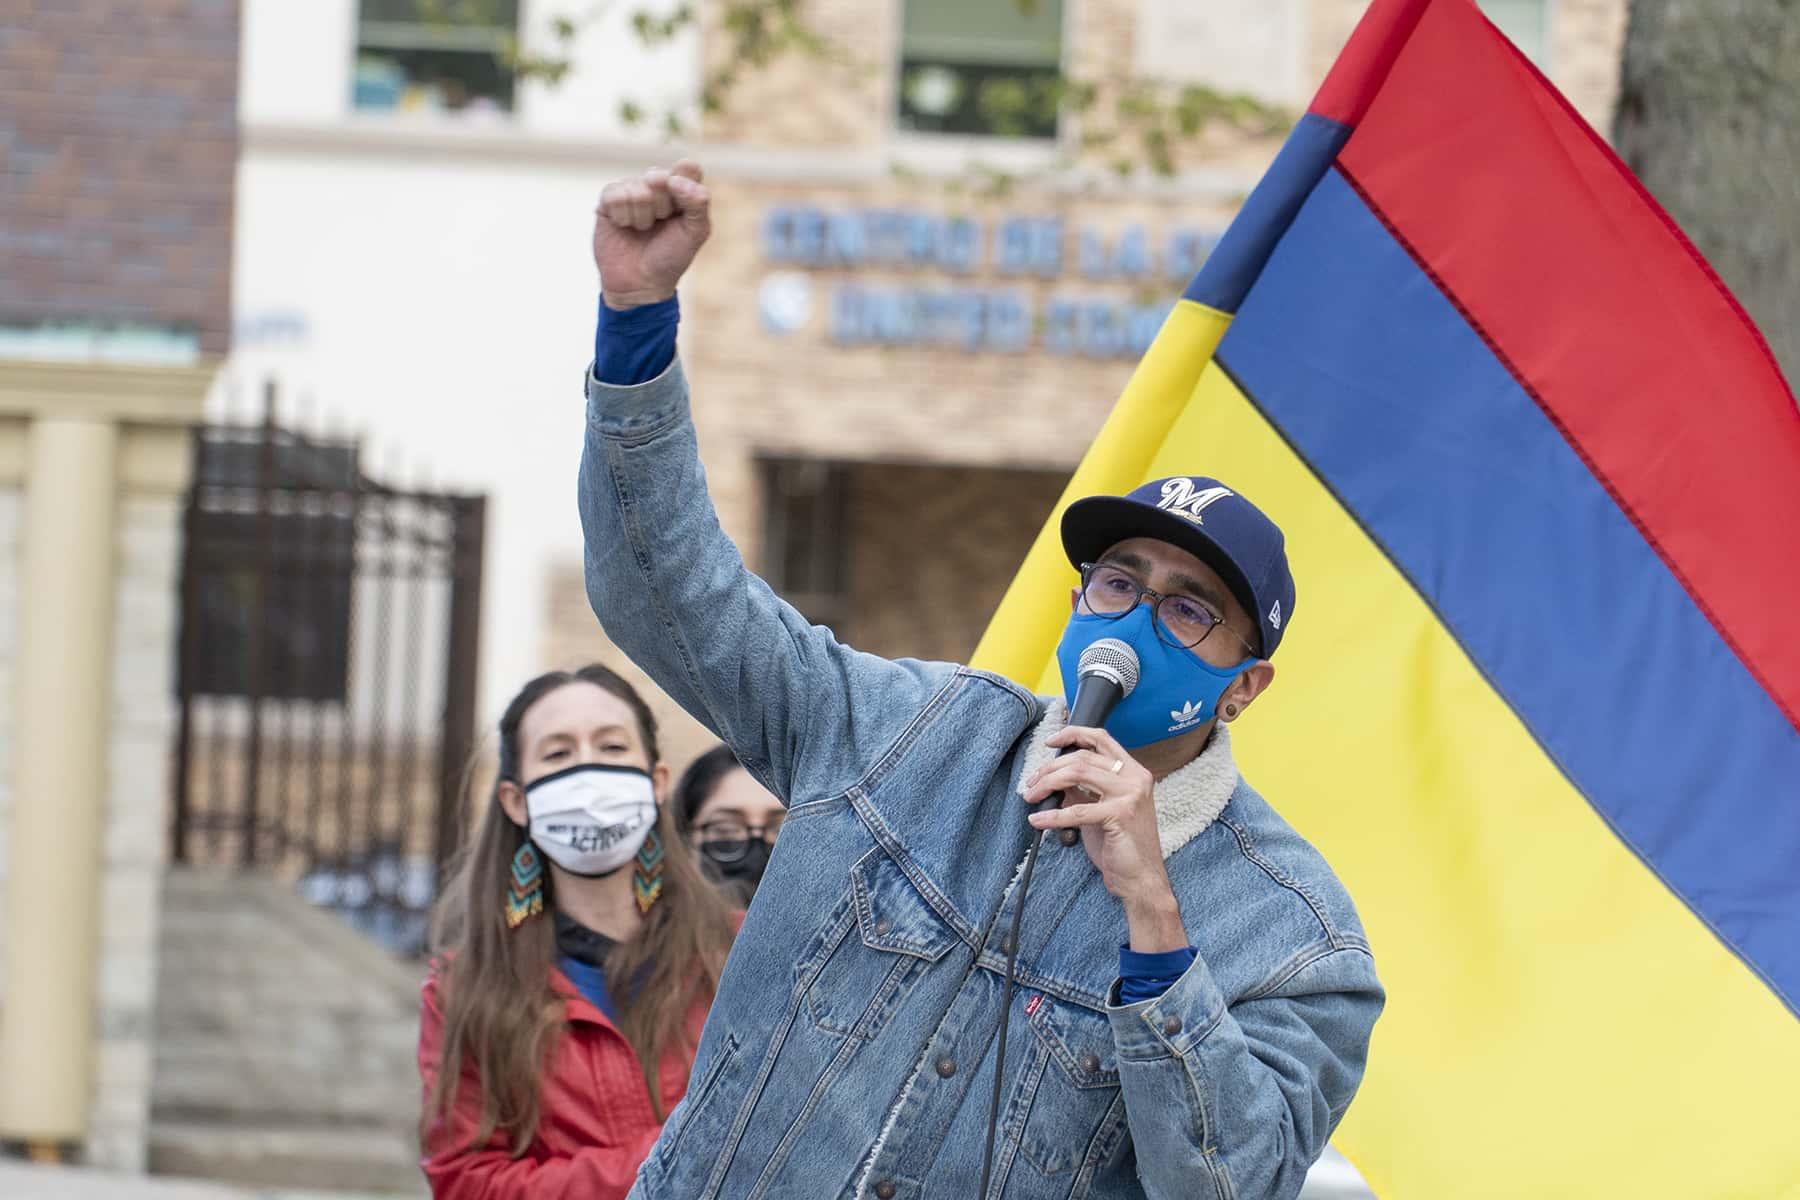 02_051121_ColombiaMarchSOS_007